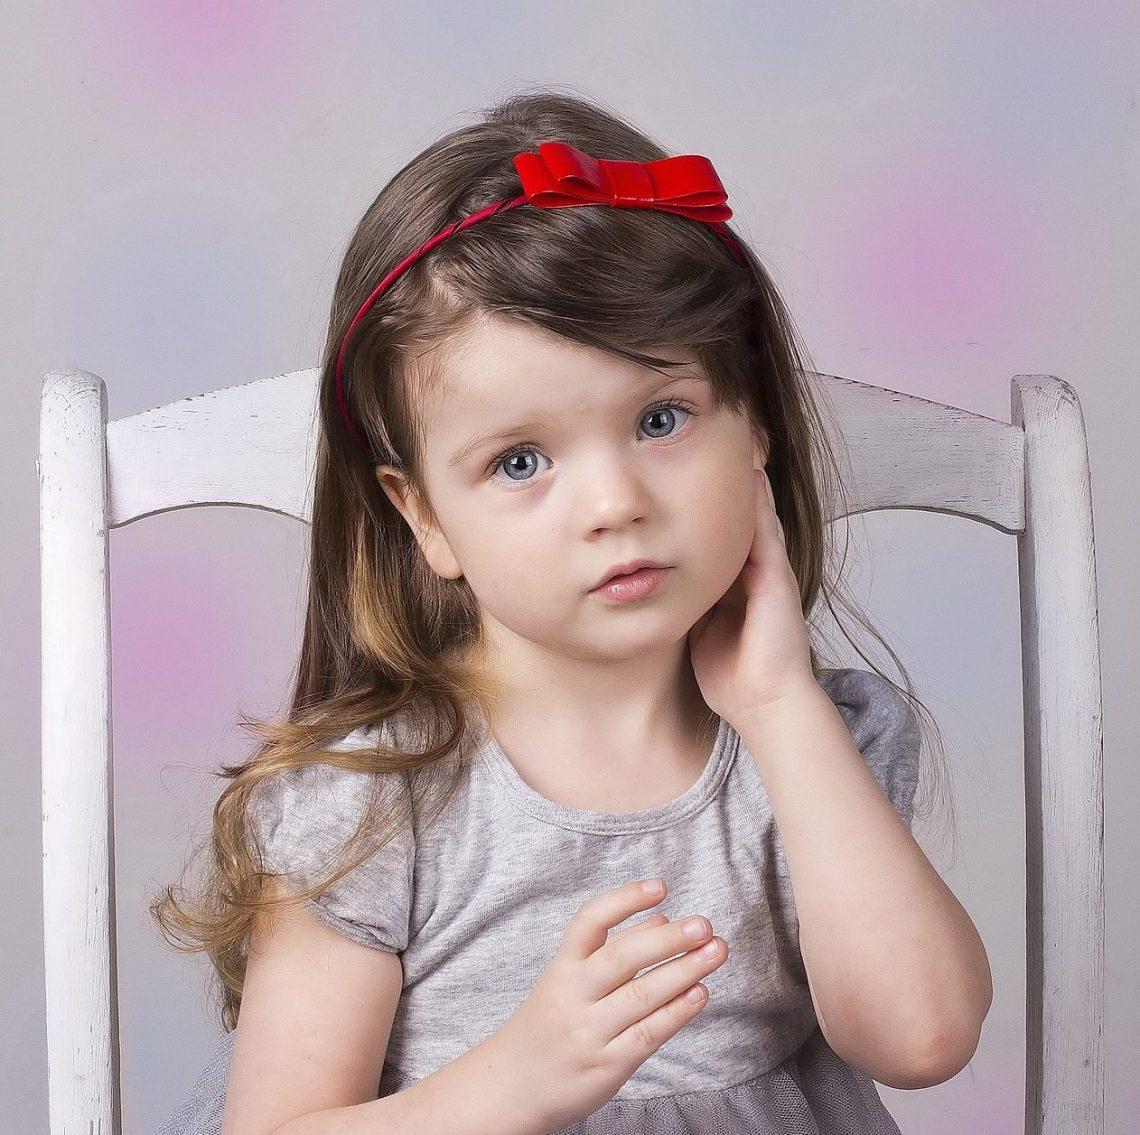 dziewczynka w opasce do włosów